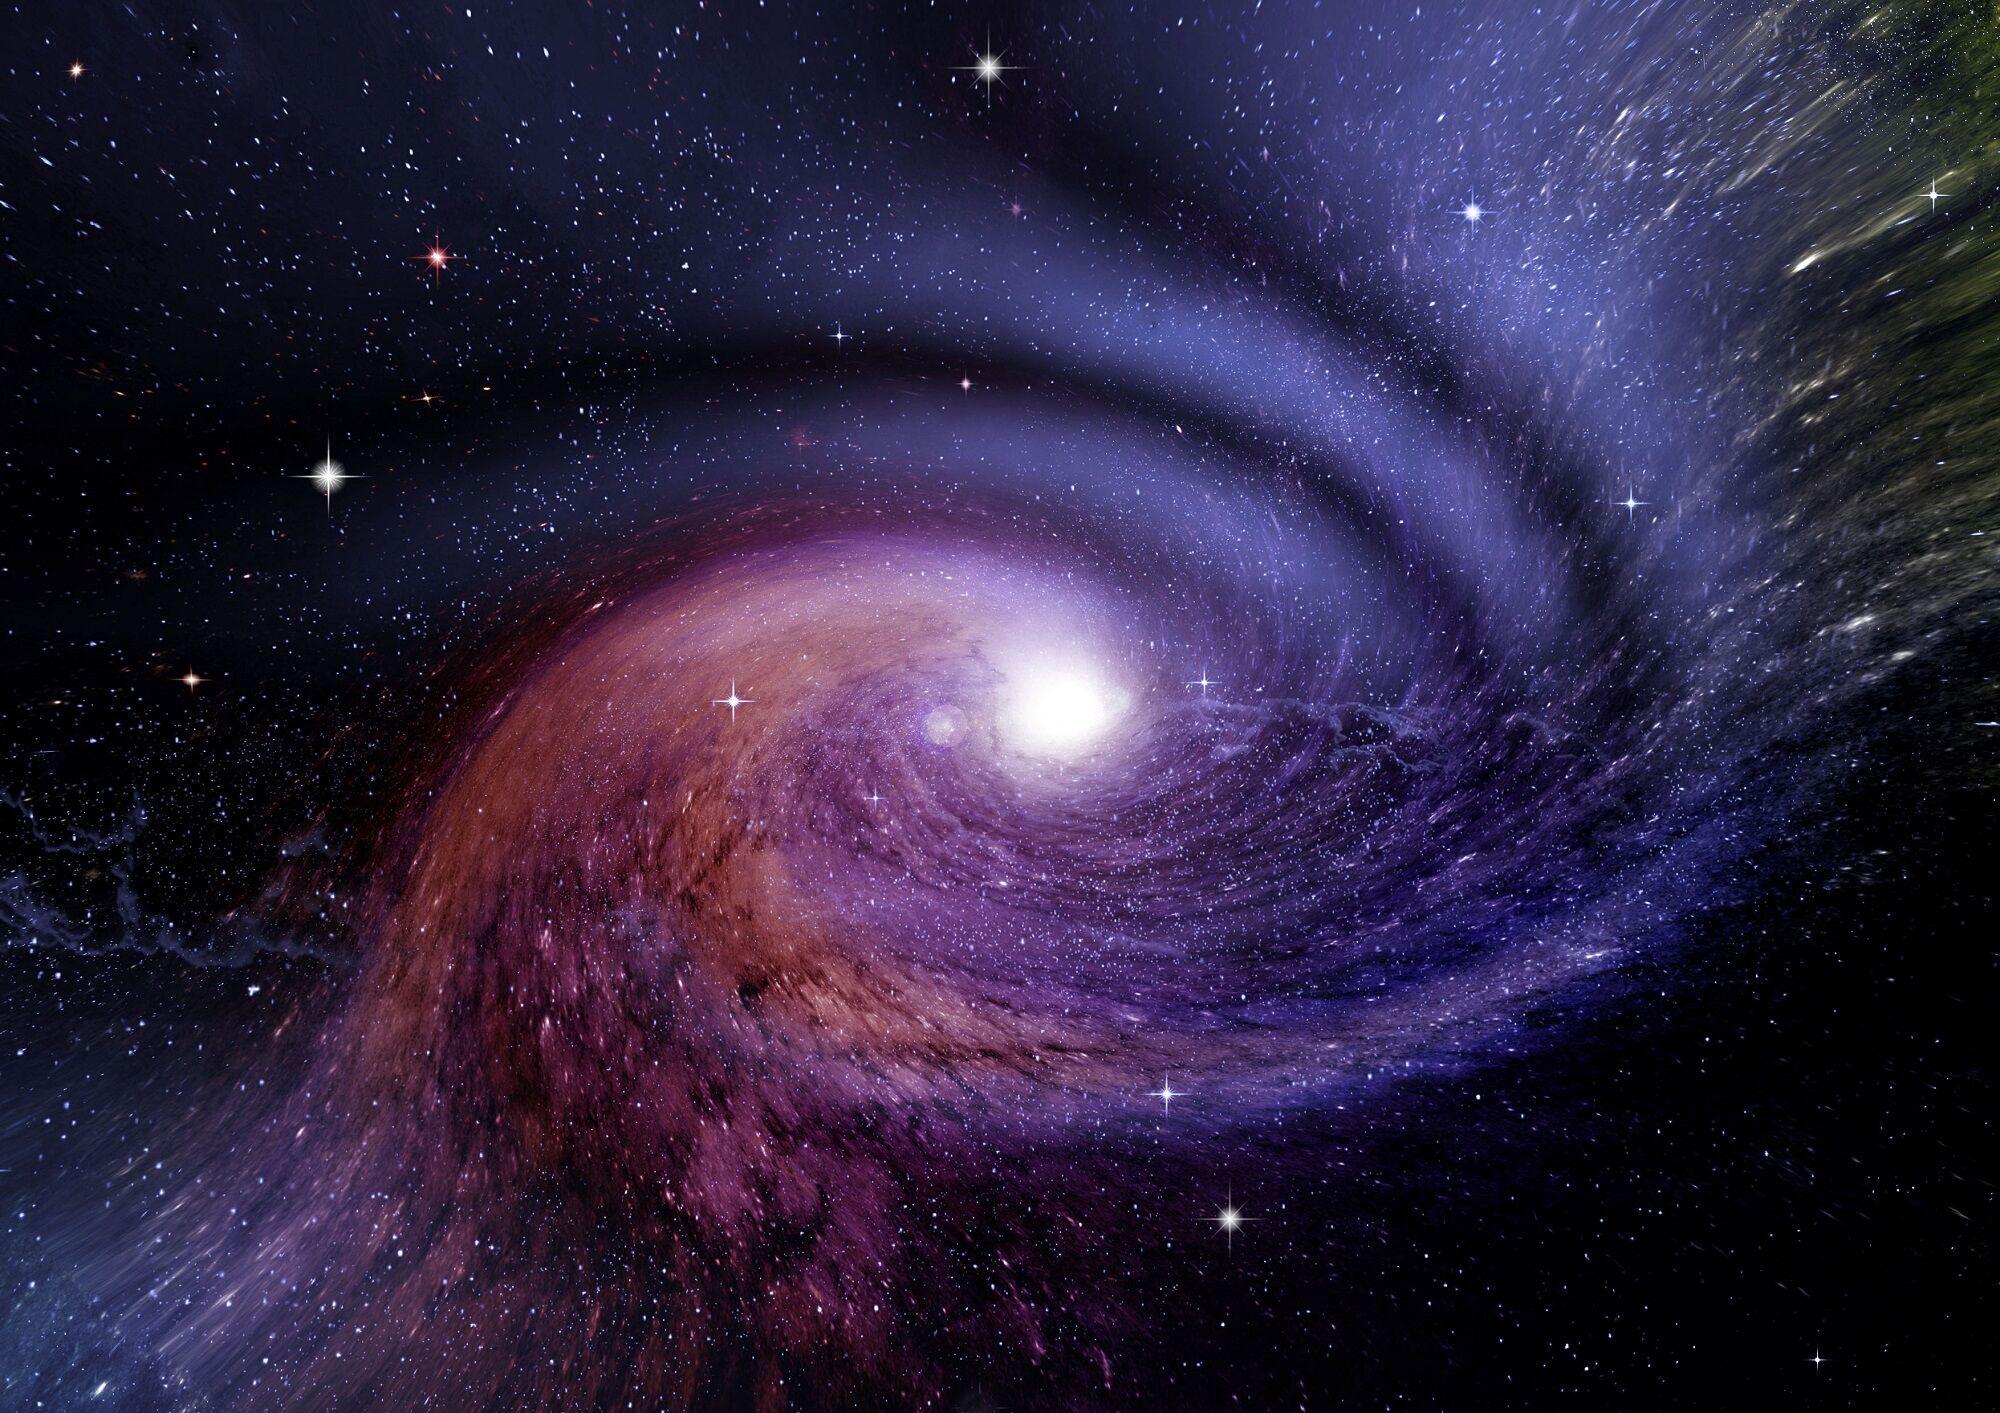 最新發現:一巨大不明天體穿越銀河系